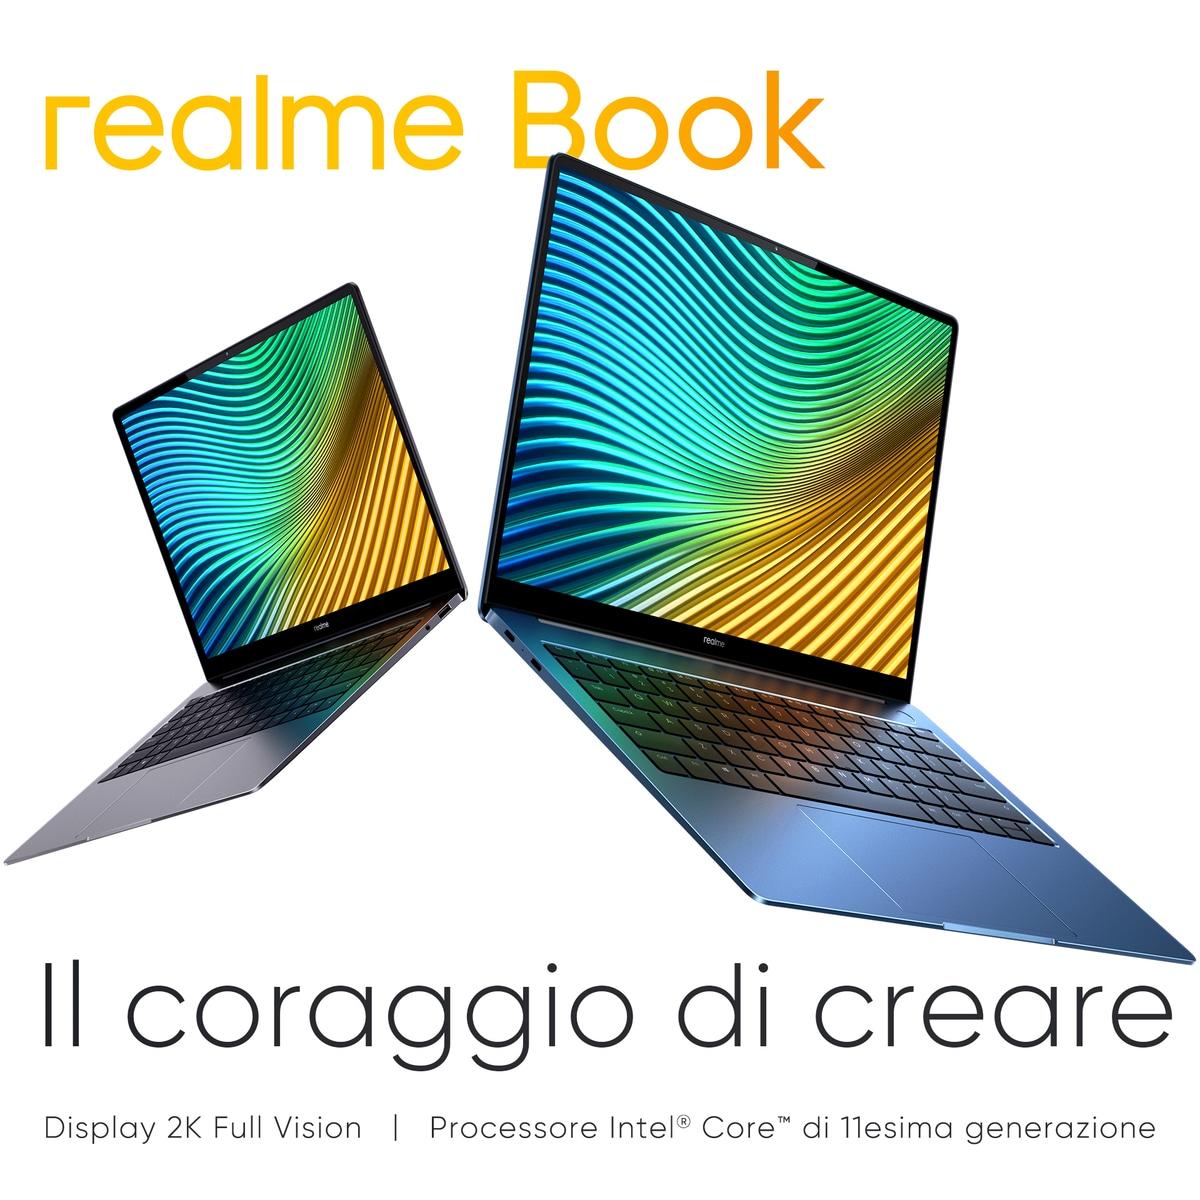 Realme Book ufficiale: presentato anche per l'Italia il primissimo laptop del brand